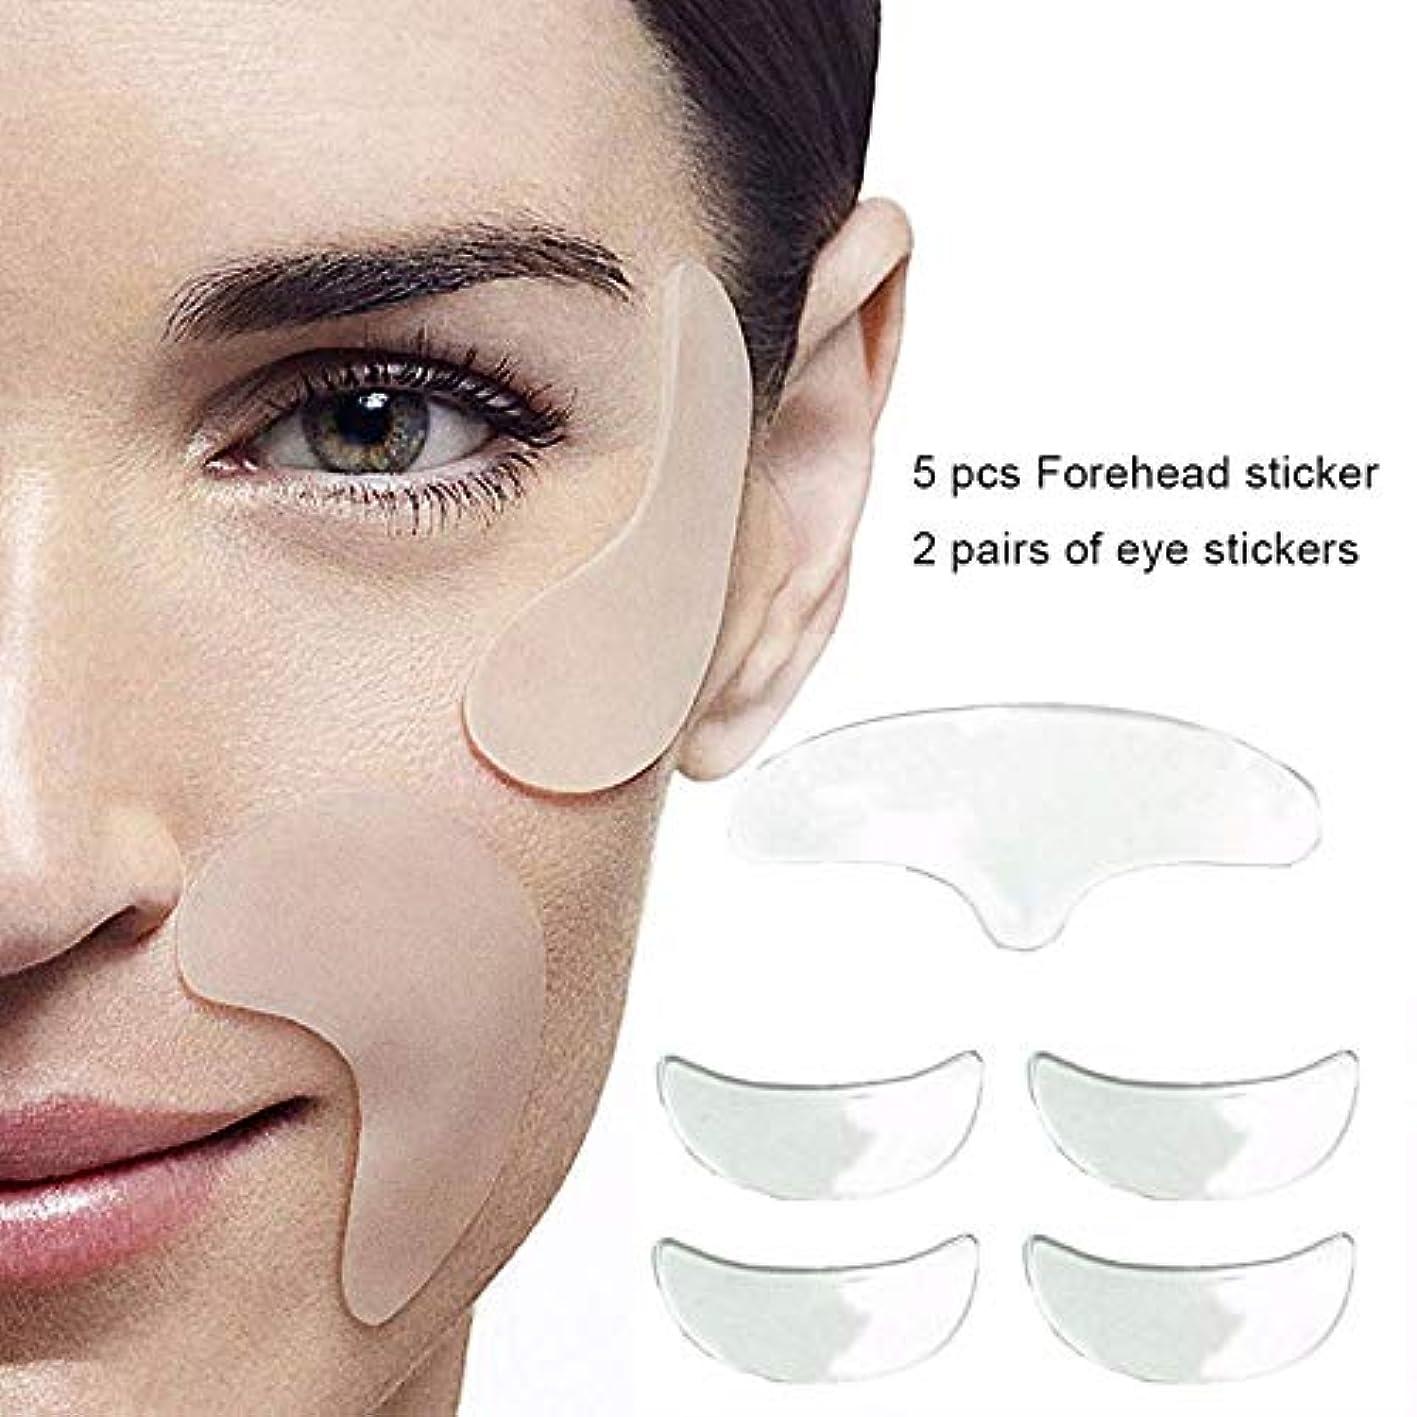 Rabugoo 女性のアンチリンクルアイフェイスパッド再使用可能なシリコーンインビジブルフェイスパッドアンチエイジング防止顔のしわ